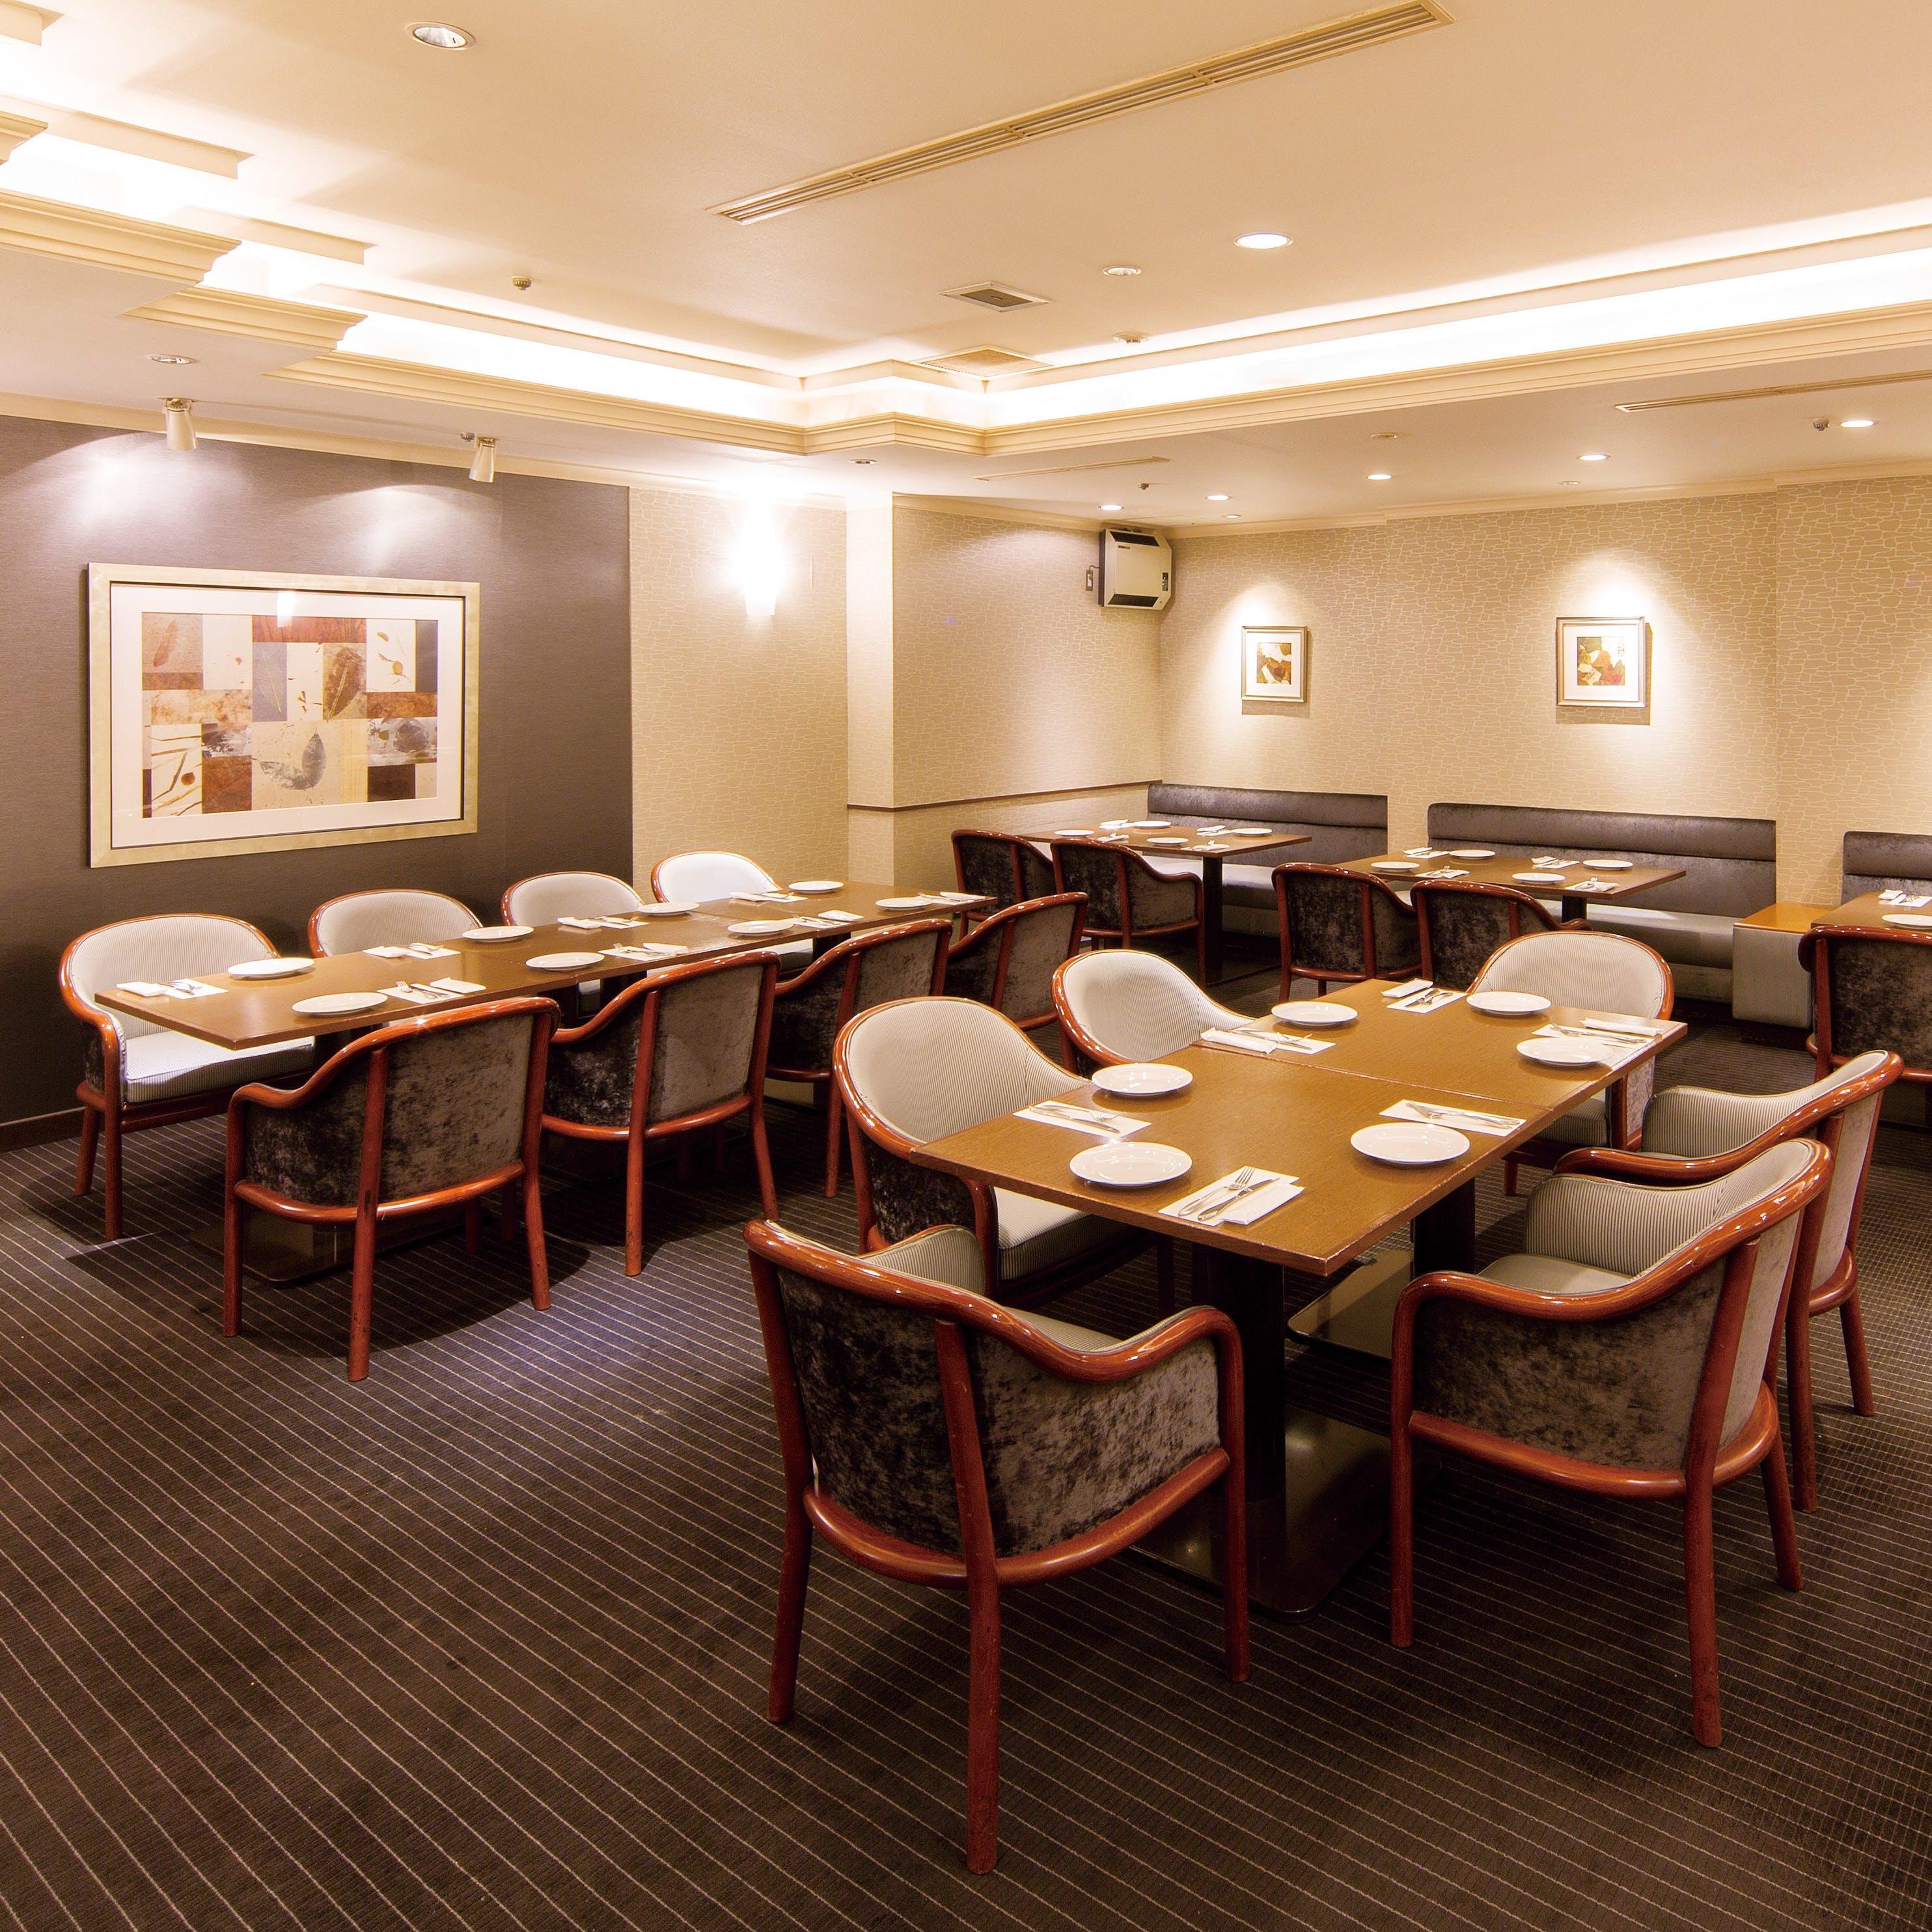 落ち着いた雰囲気の大人のレストランです